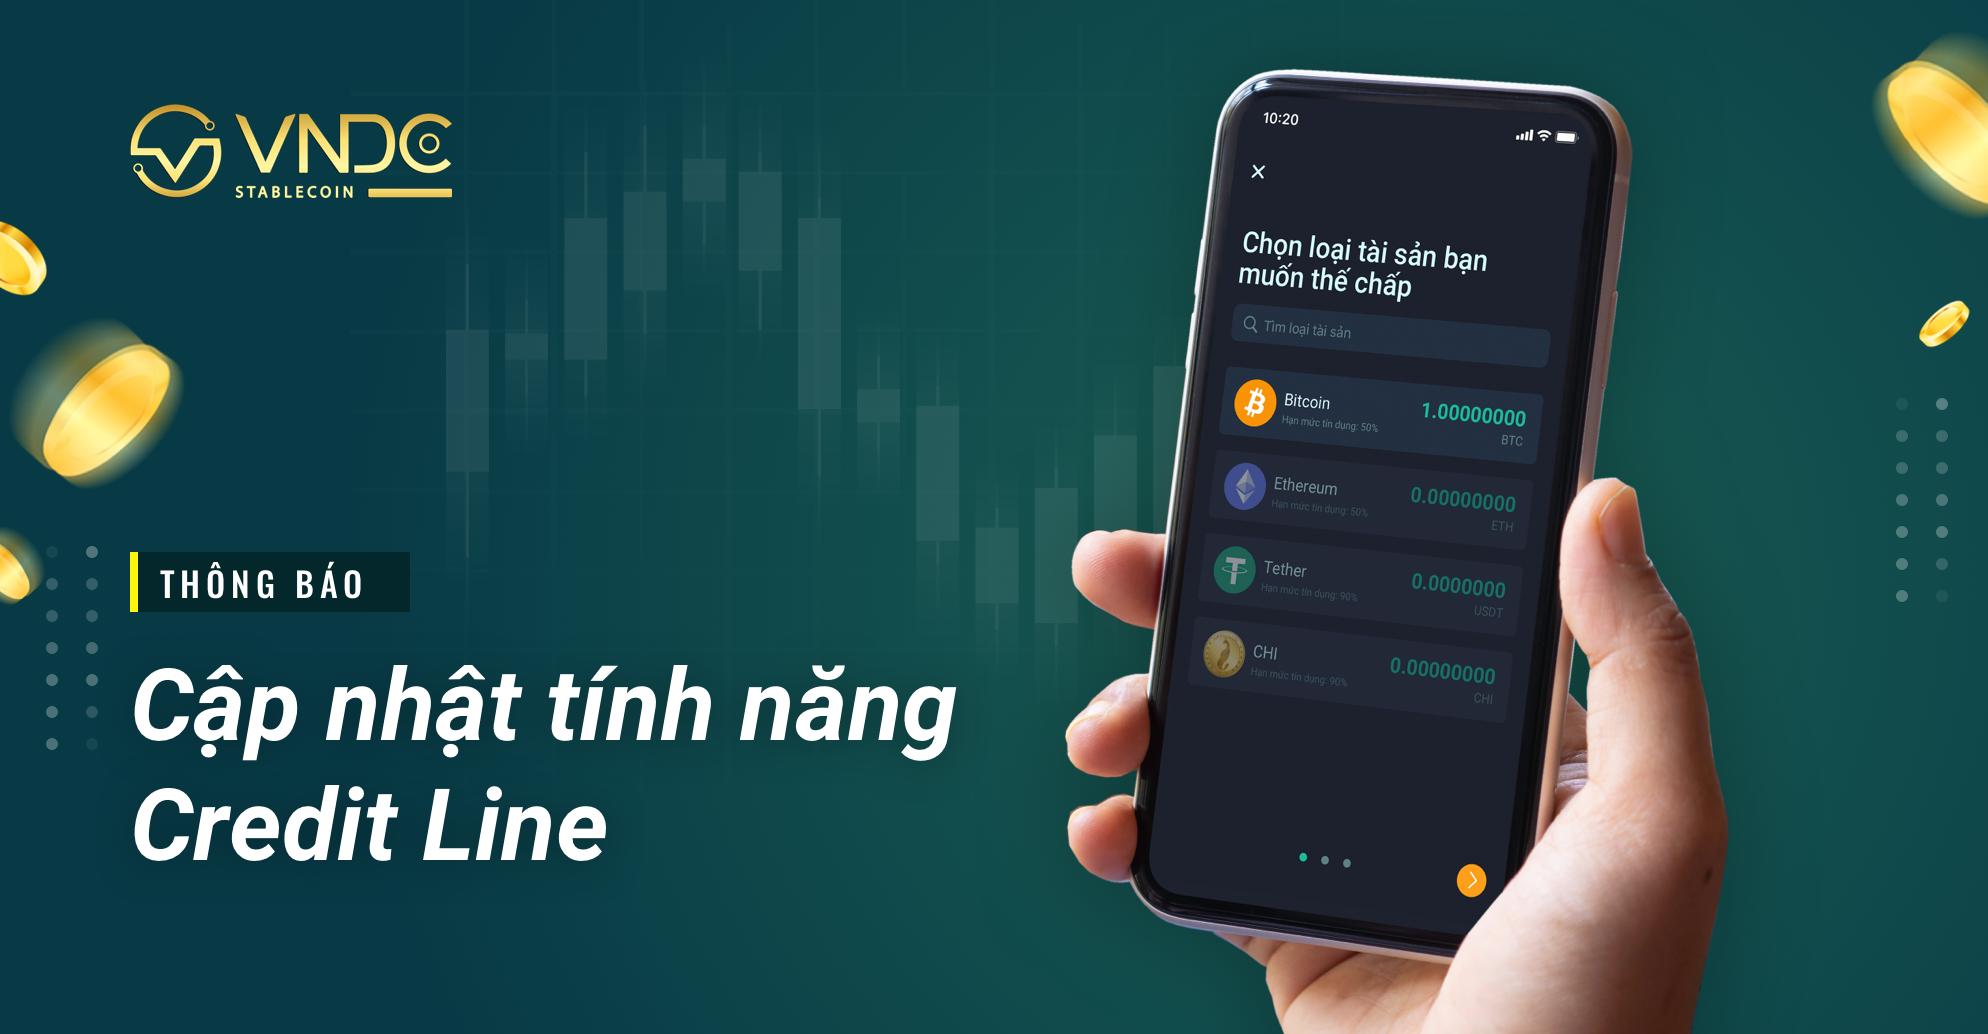 Thông báo: Cập nhật tính năng Credit Line